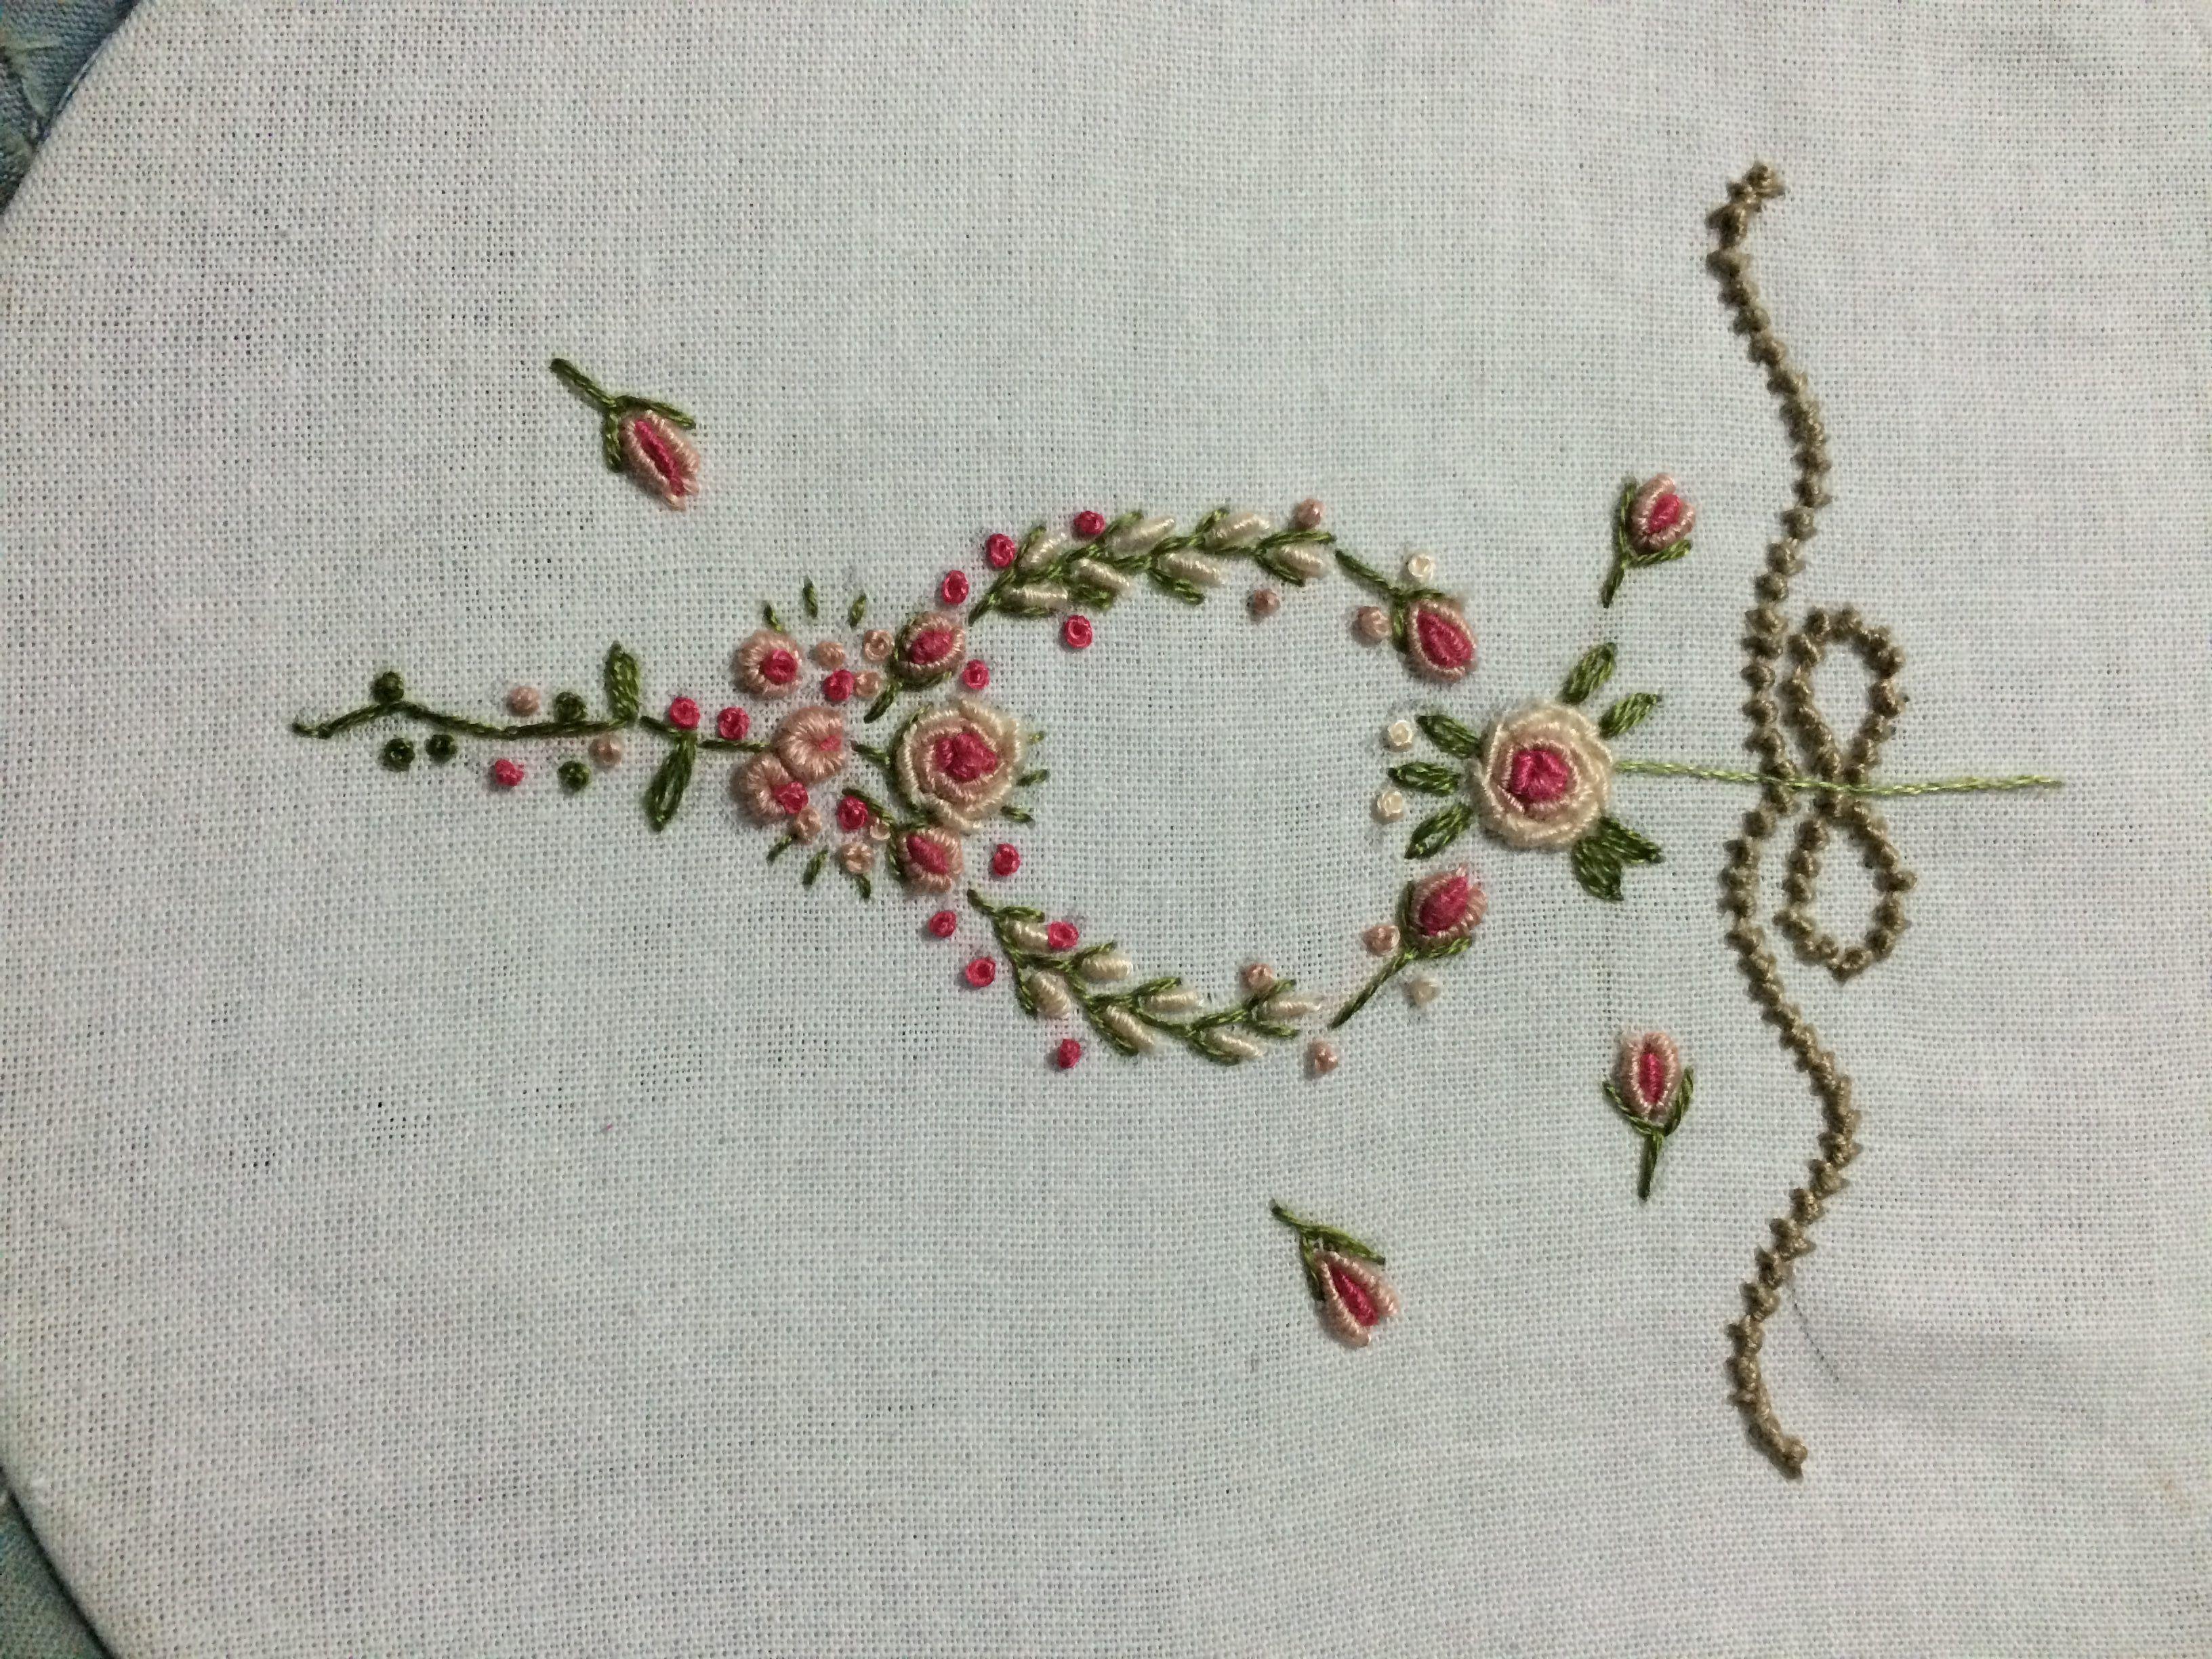 Pingl par carol ann sur embroidery pinterest broderie et tricot - Broderie sur tricot point mousse ...